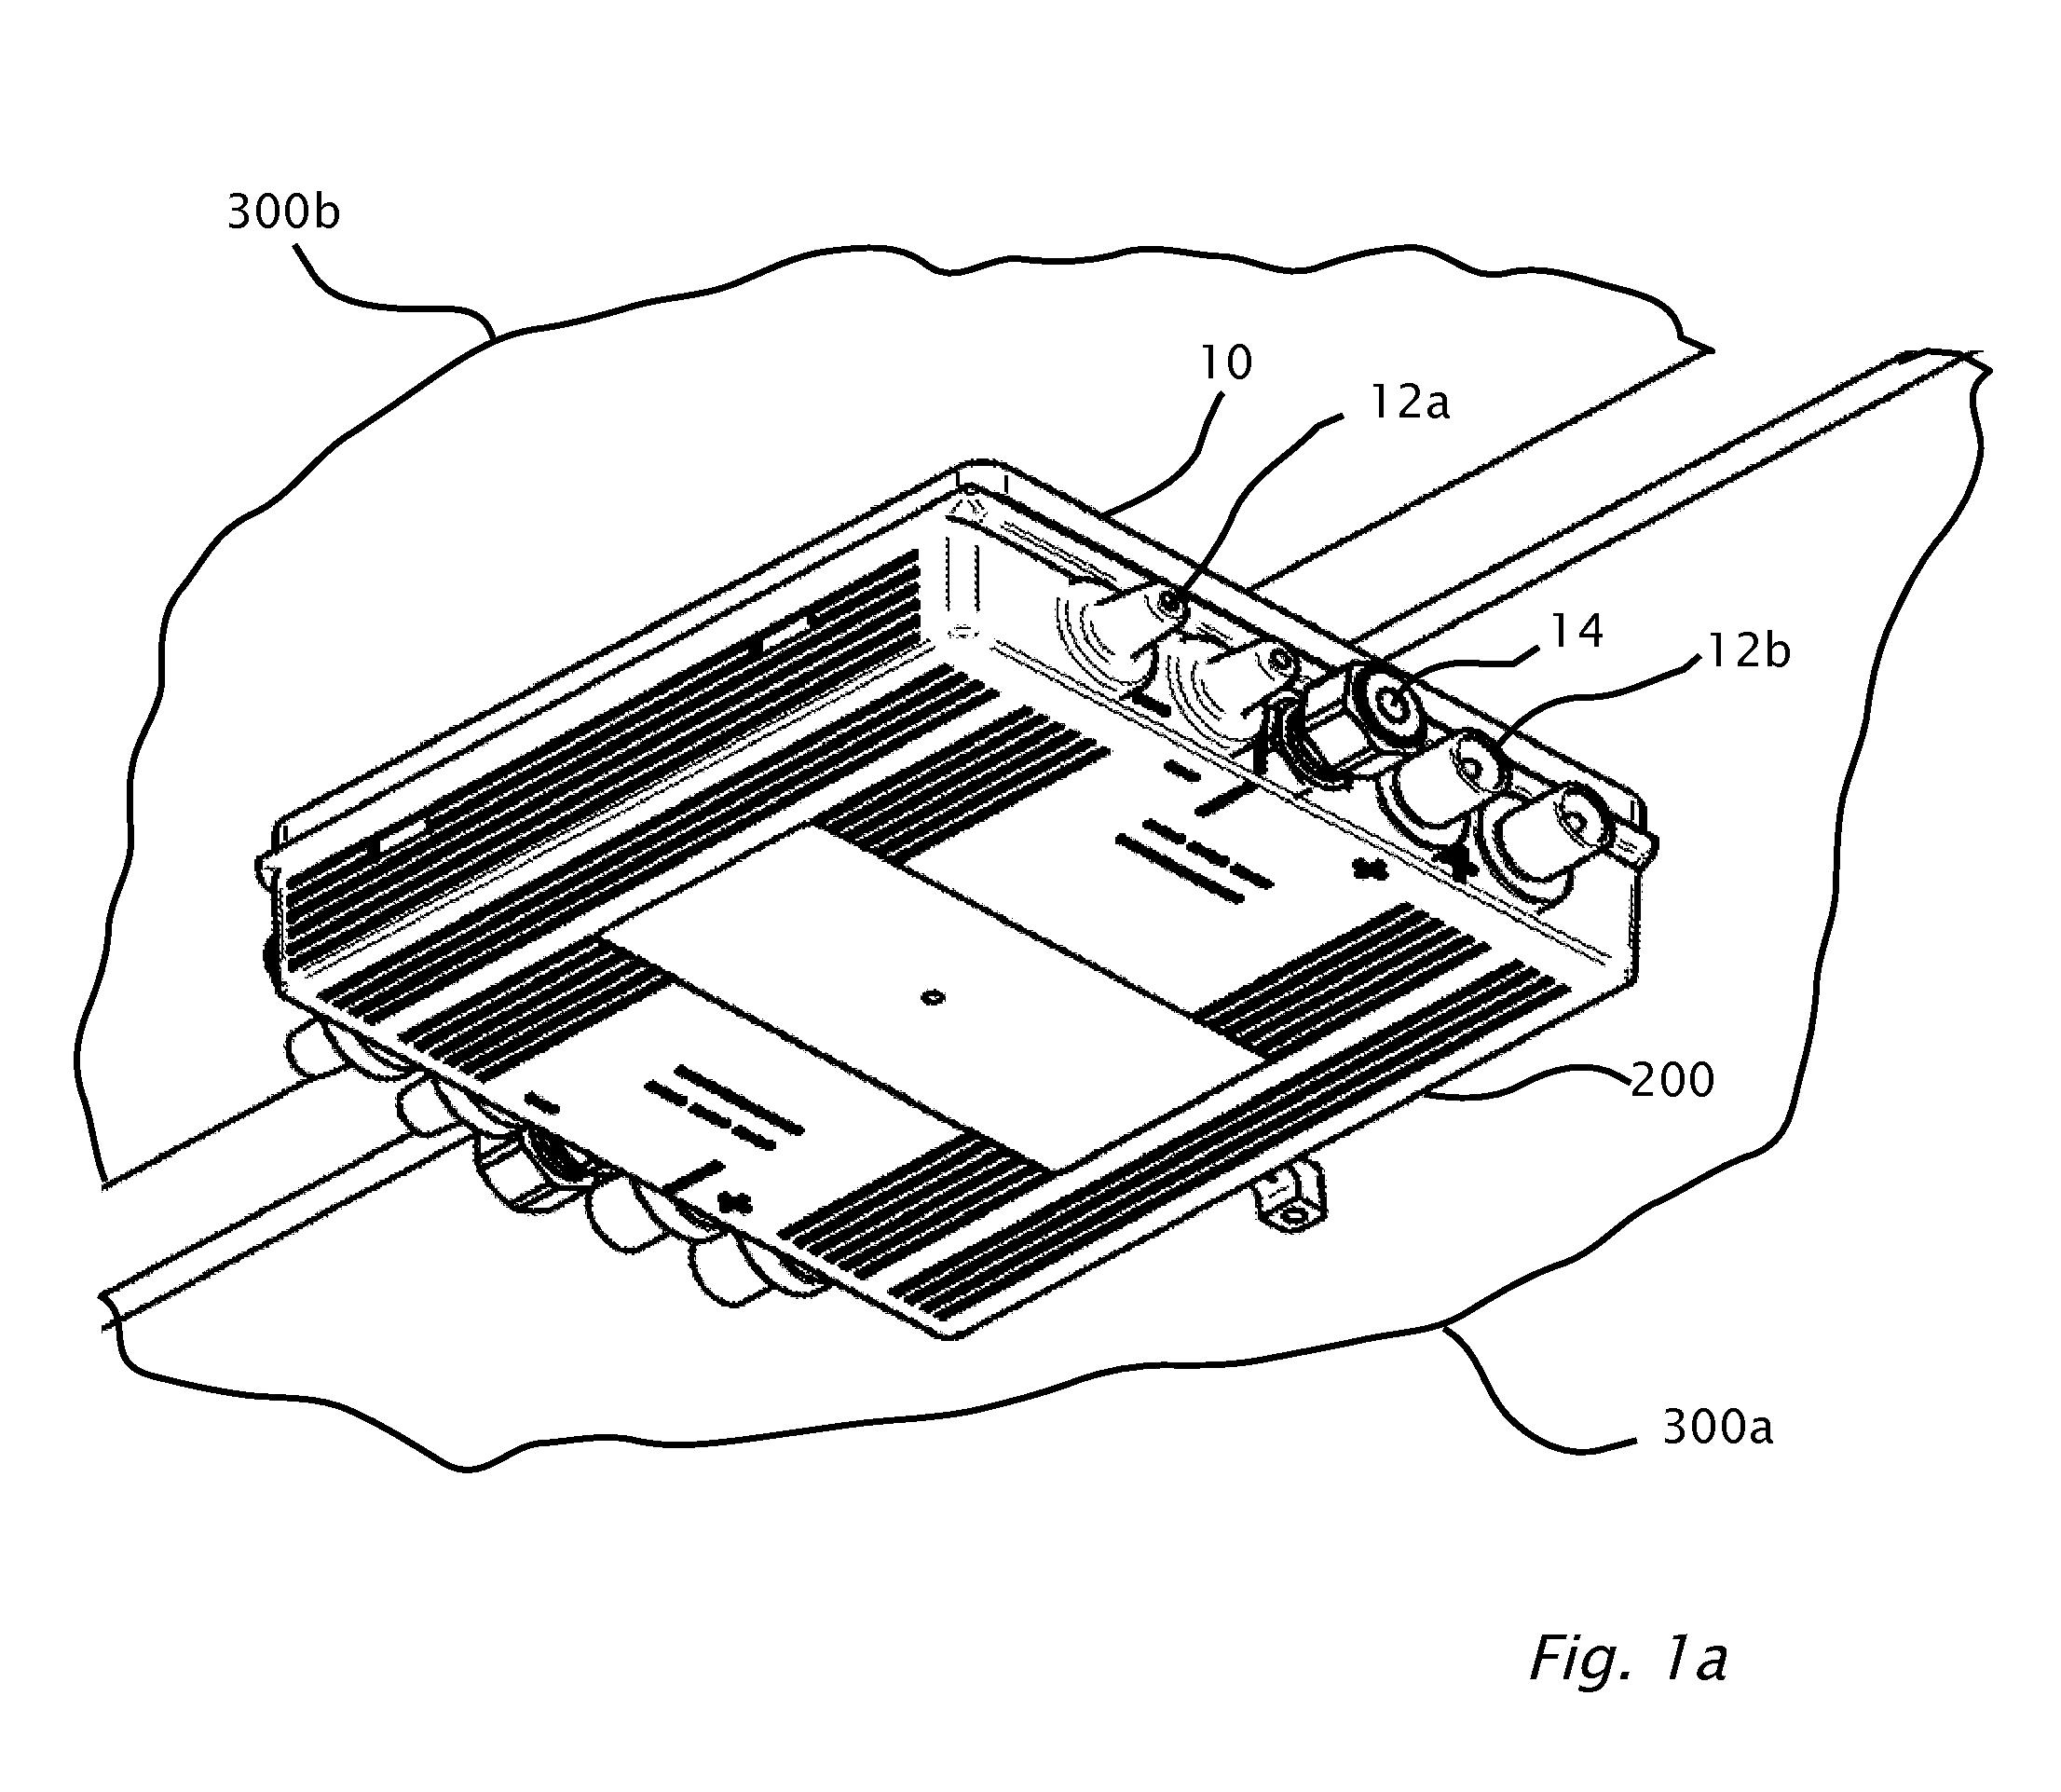 brevetto us20100294903